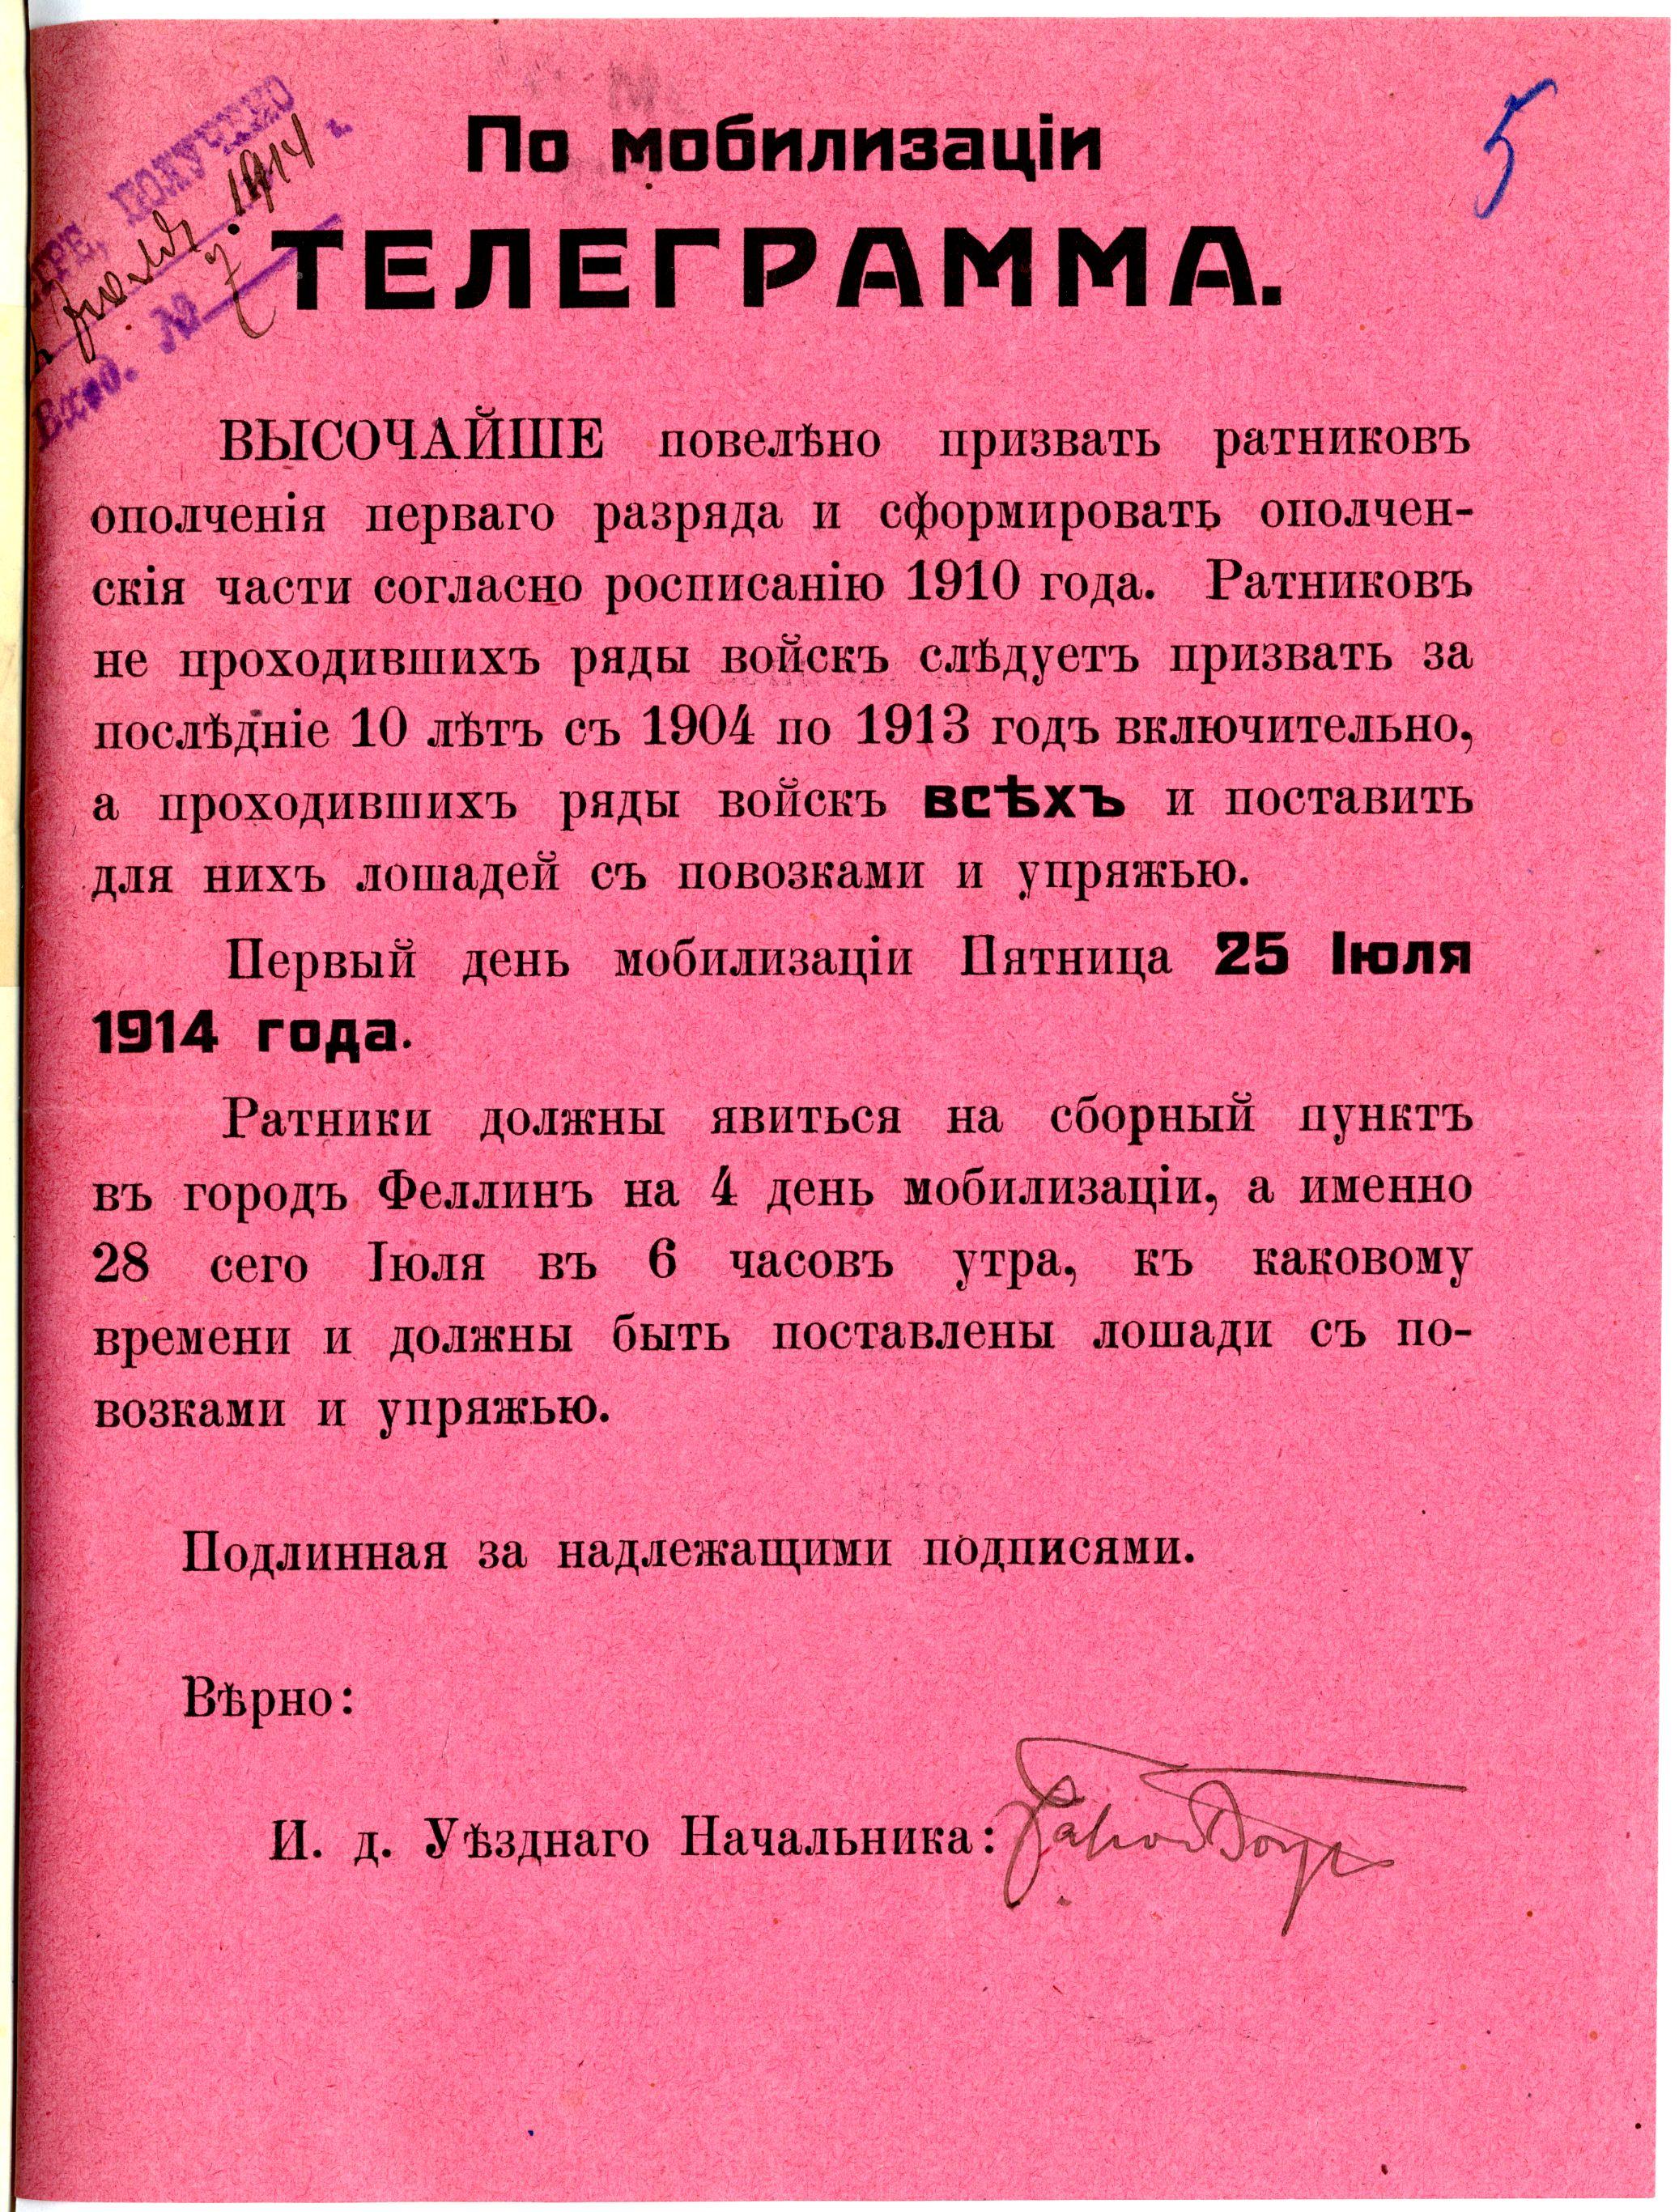 Holstre vallavalitsusse maakonnaülemalt saabunud mobilisatsioonikäsk. EAA.1068.1.58